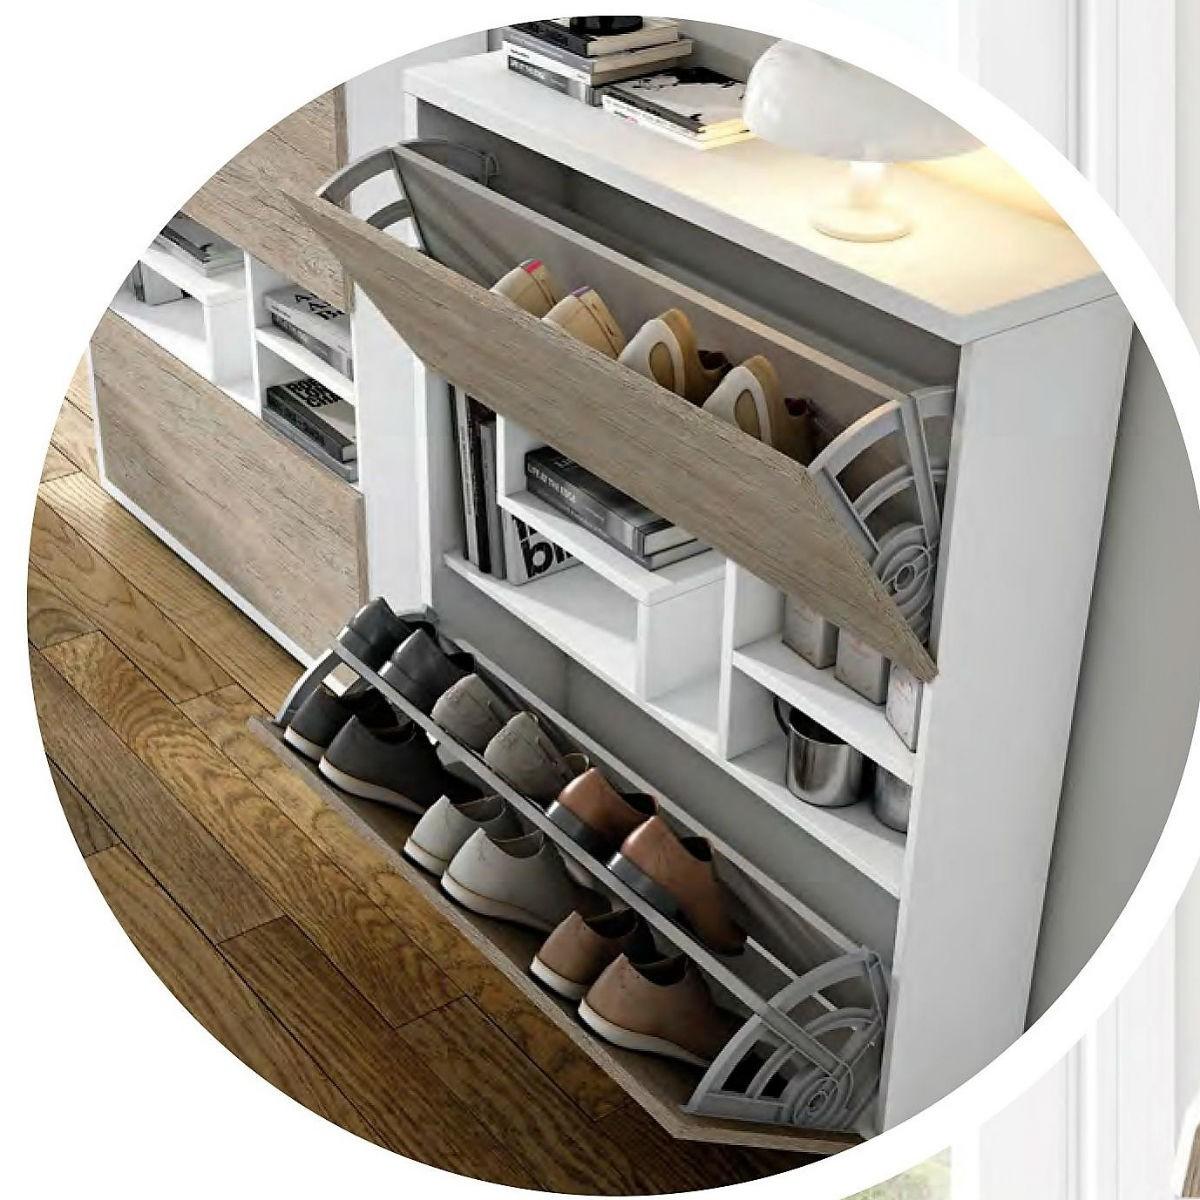 Recibidor zapatero moderno lacado 9 01 mobles sedav - Recibidor zapatero moderno ...